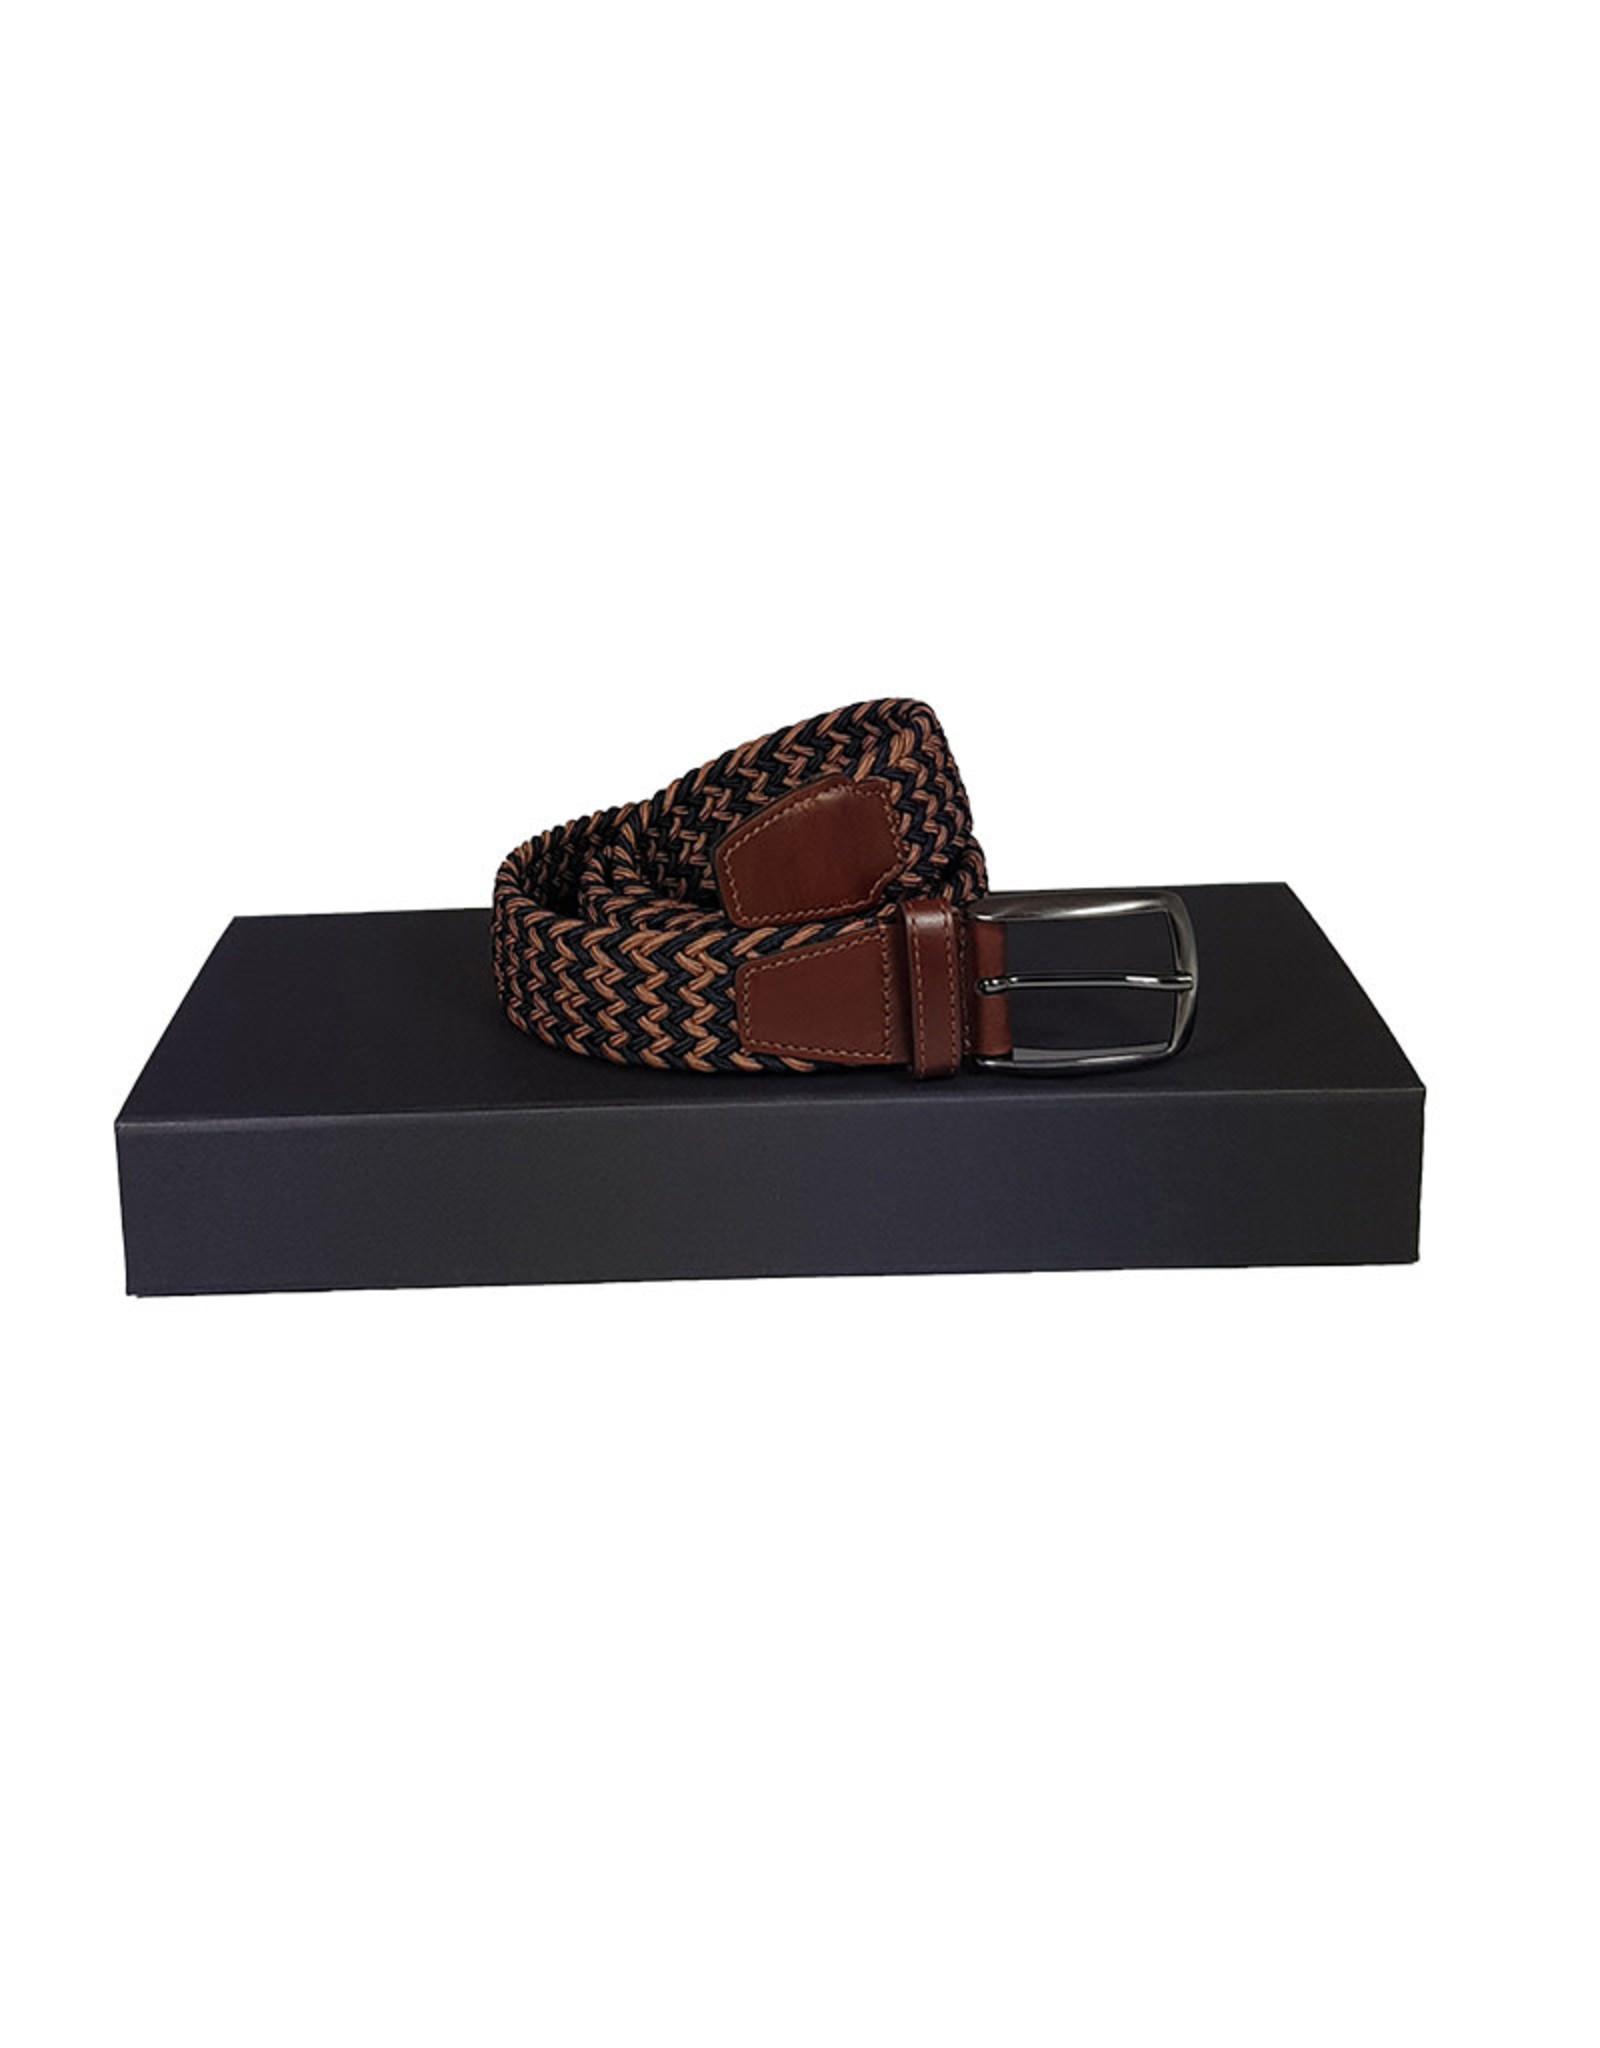 Belts+ Belts+ riem elastisch blauw-bruin Alonso 19628/005